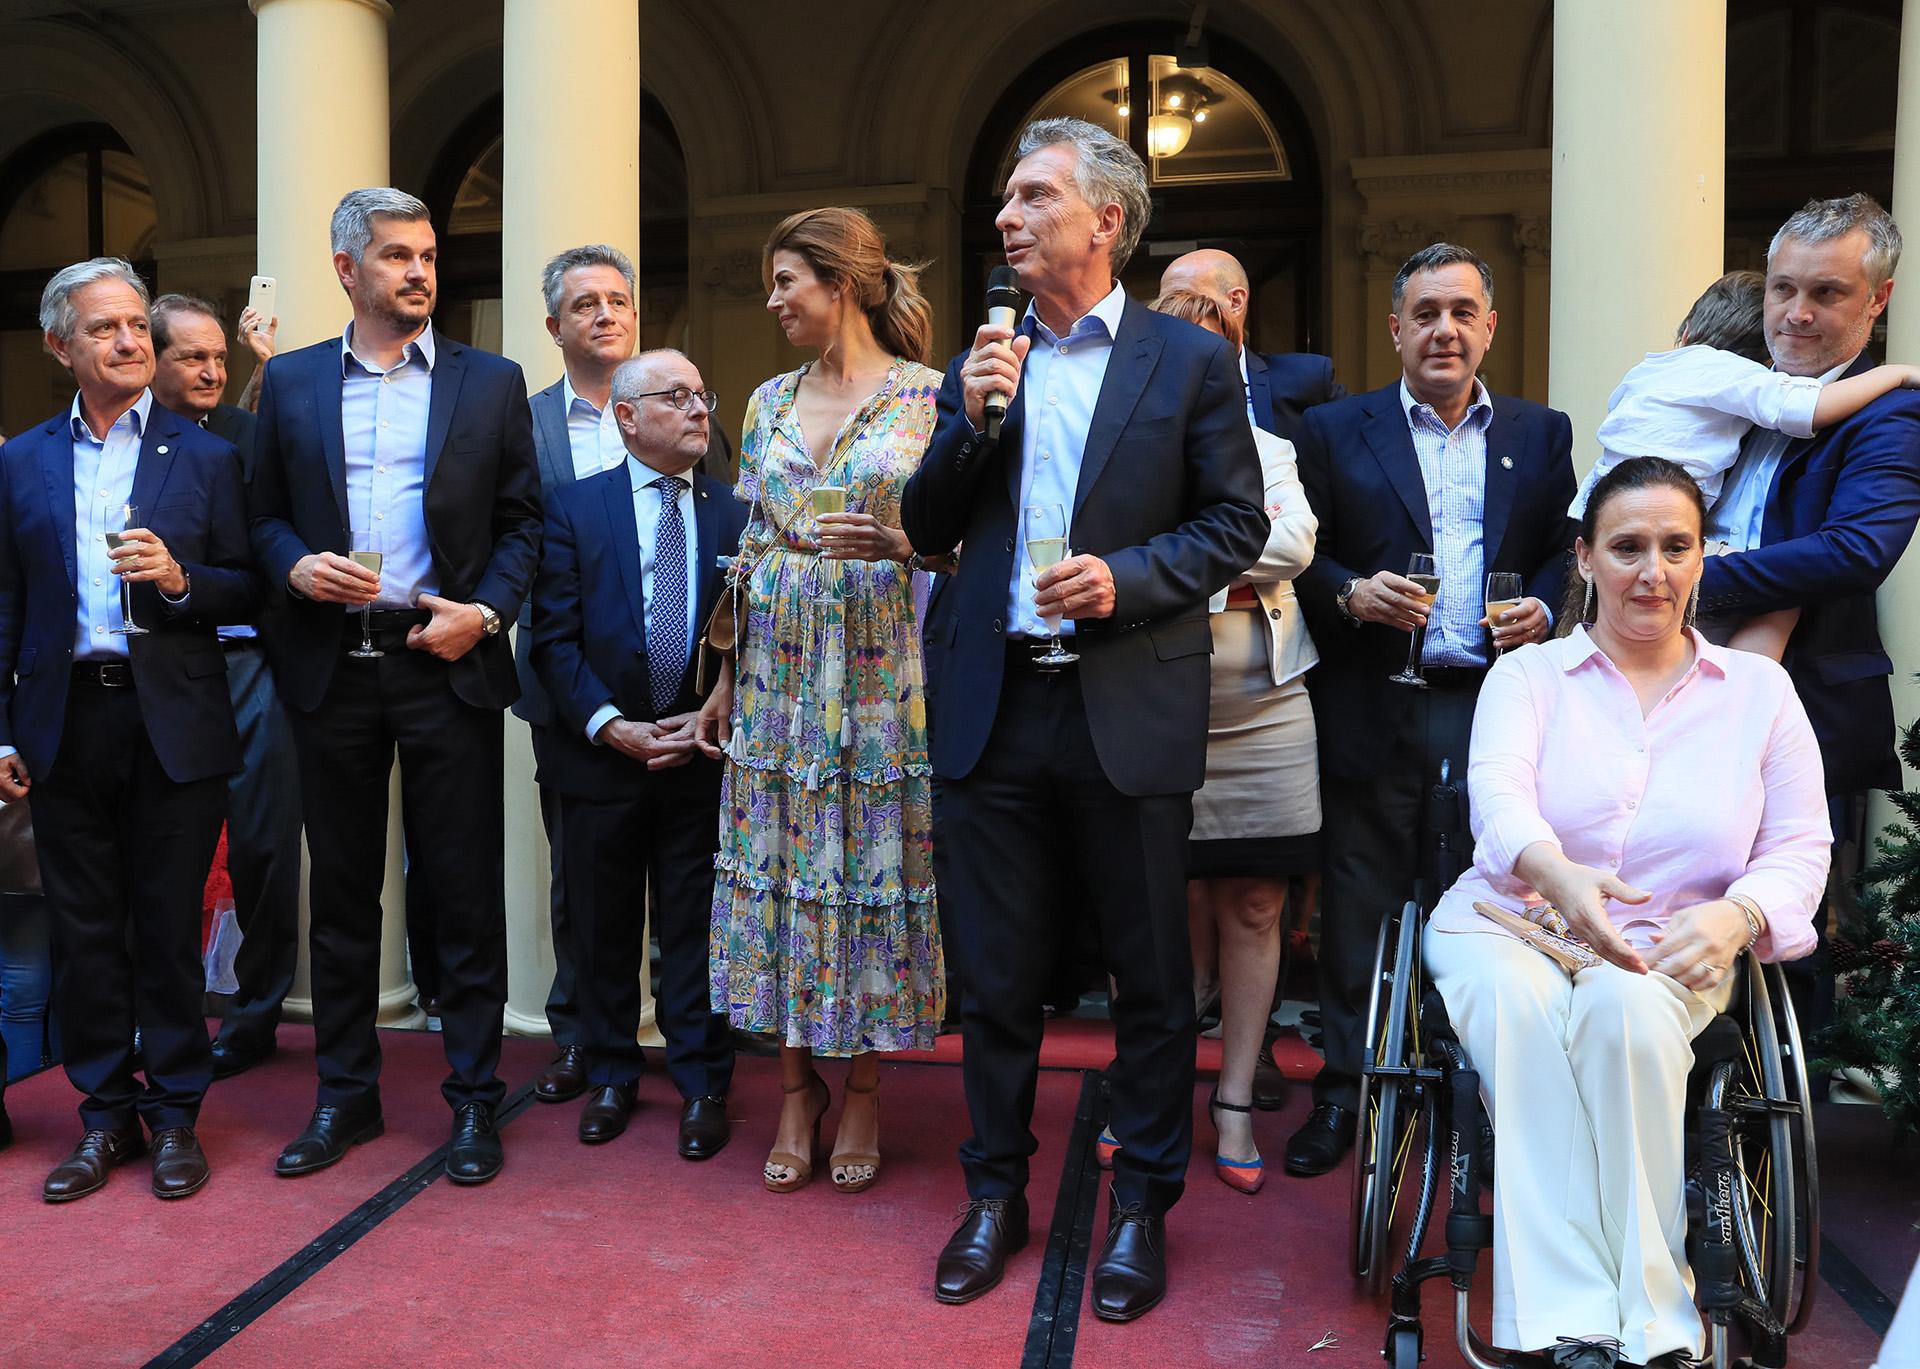 La primera dama, Juliana Awada, reveló que desde el viernes con el presidente Macri ya no duermen en la Quinta de Olivos.